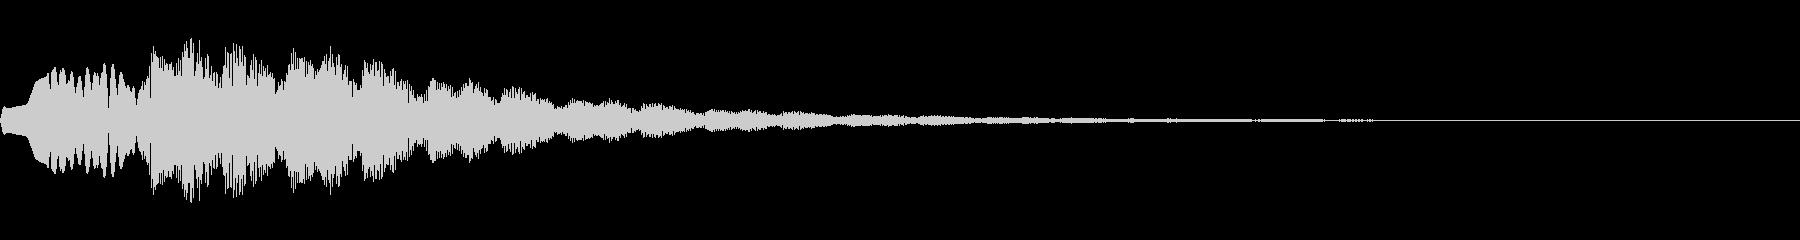 タップ→スマホアプリメニュー画面電子音の未再生の波形